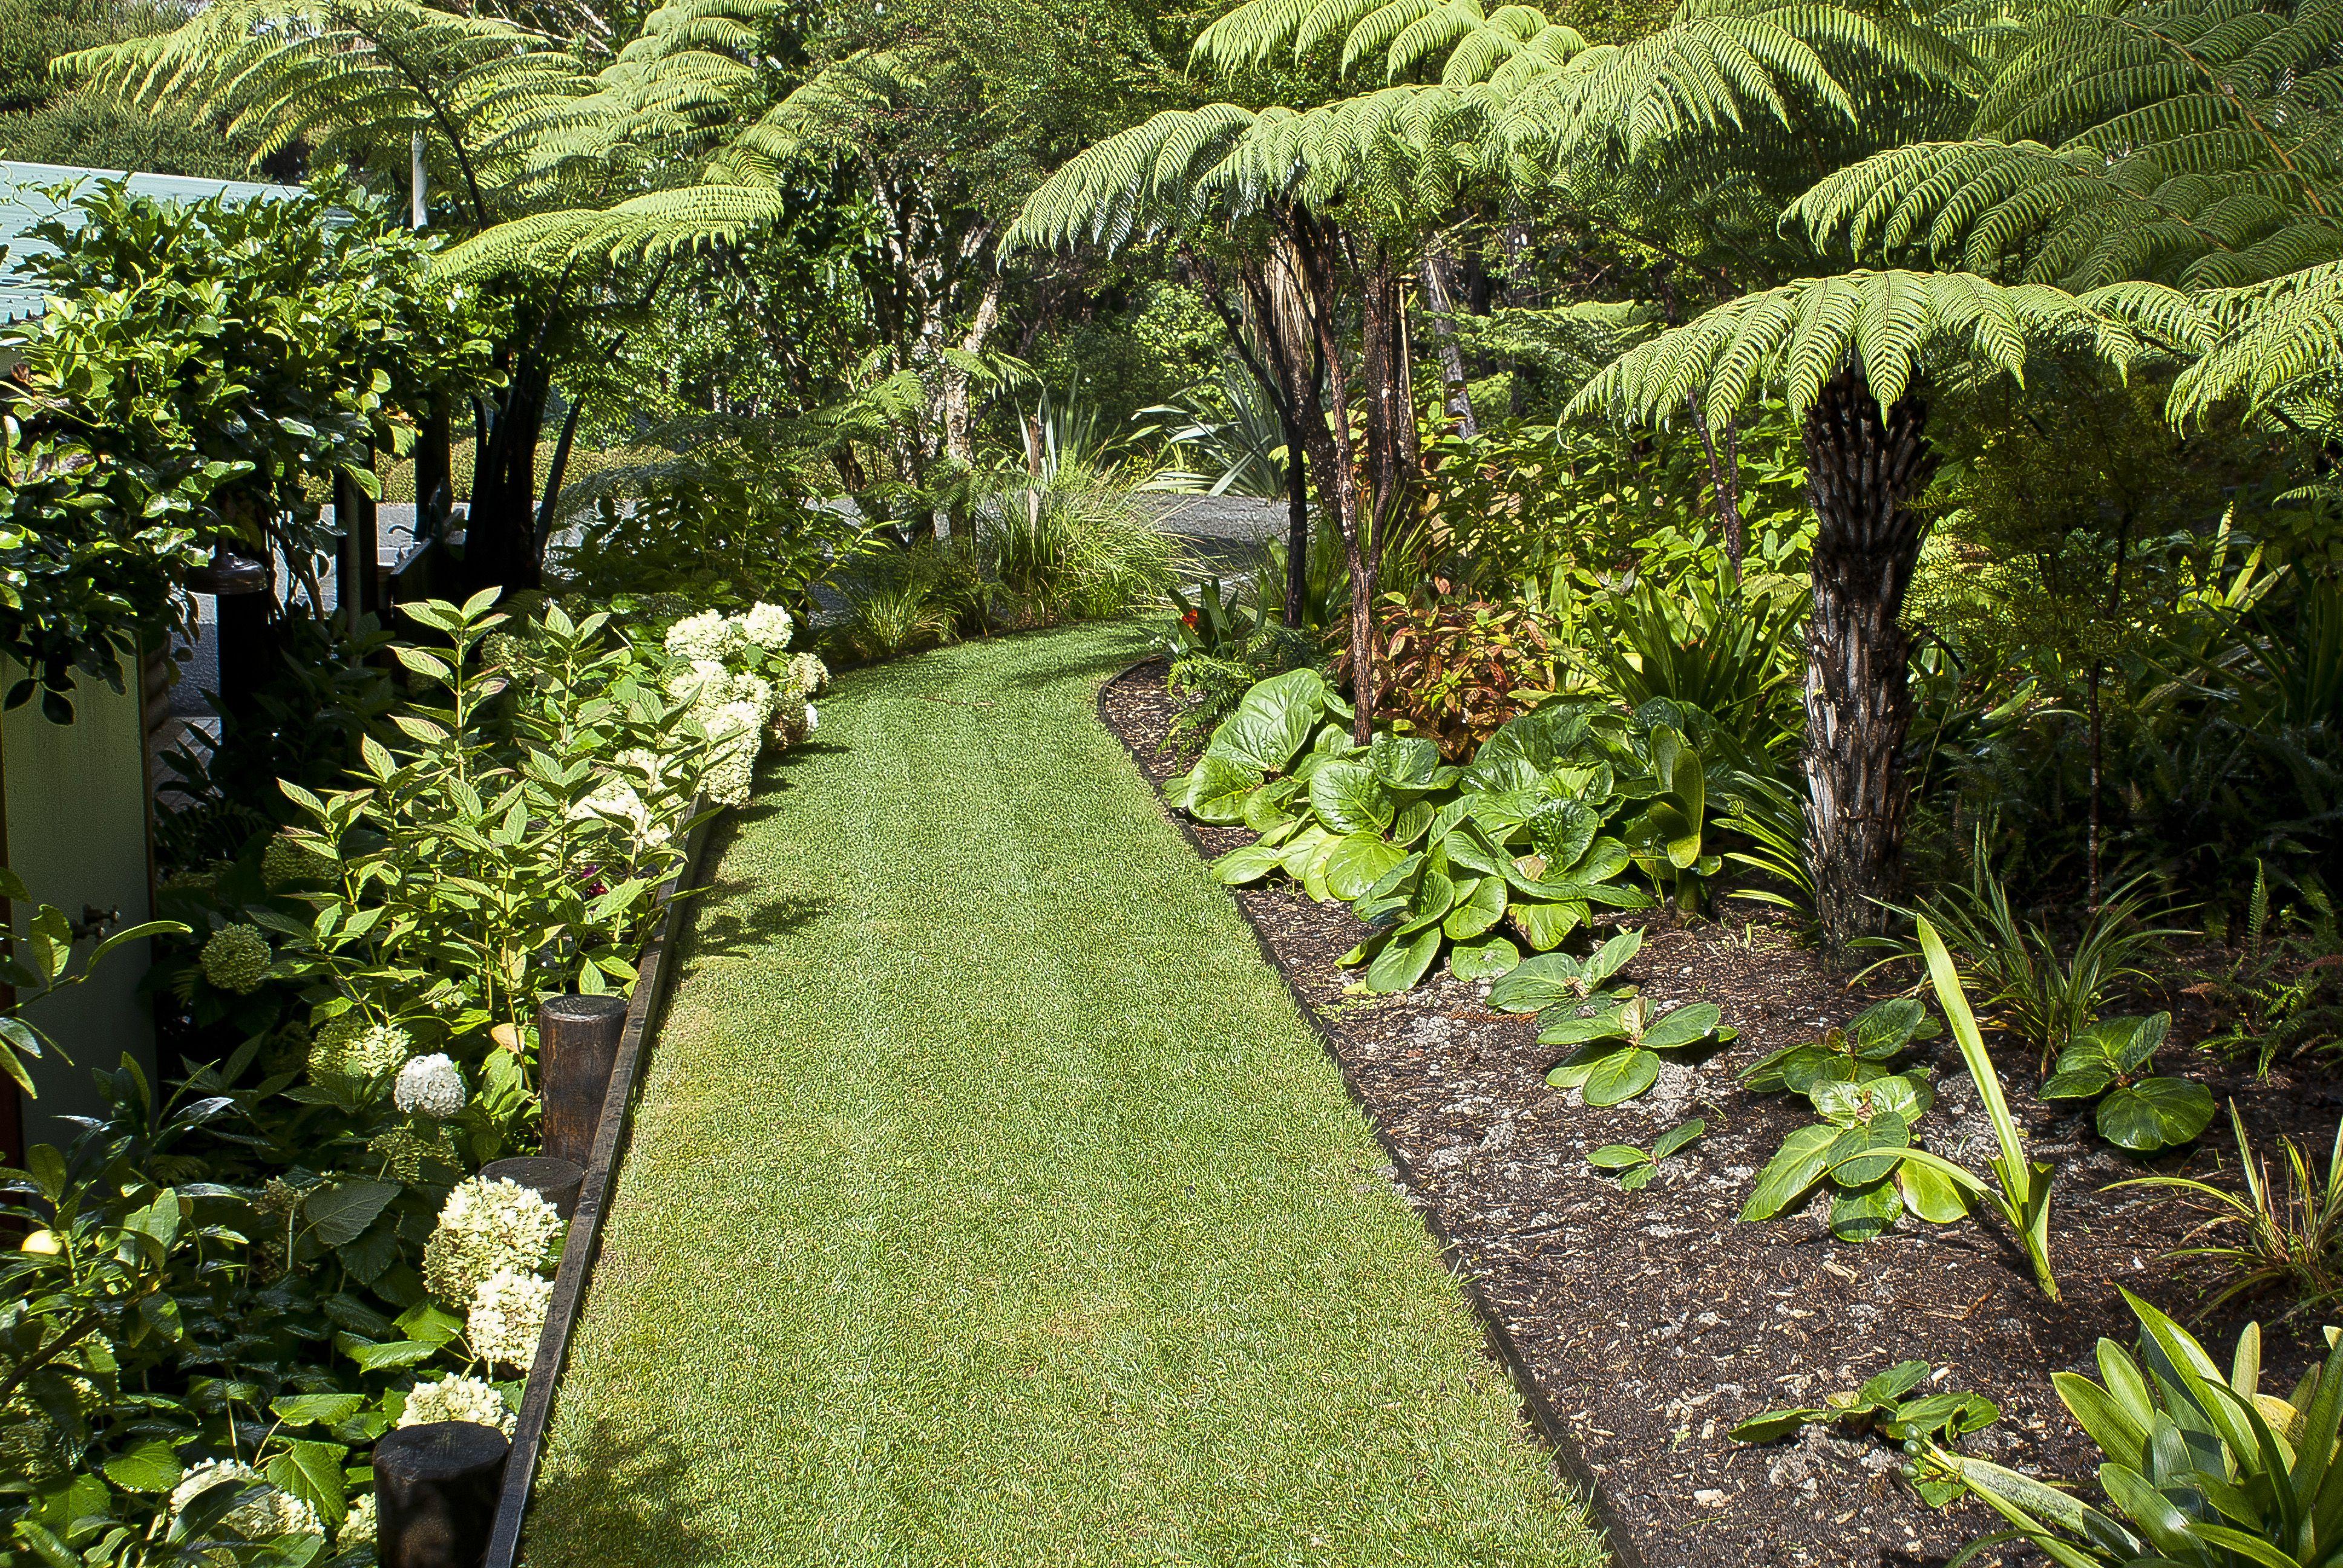 Grass Pathway Lined By Tree Ferns And Clivia At Omaio Garden Matakana New Zealand Paisajismo Canteros Campo